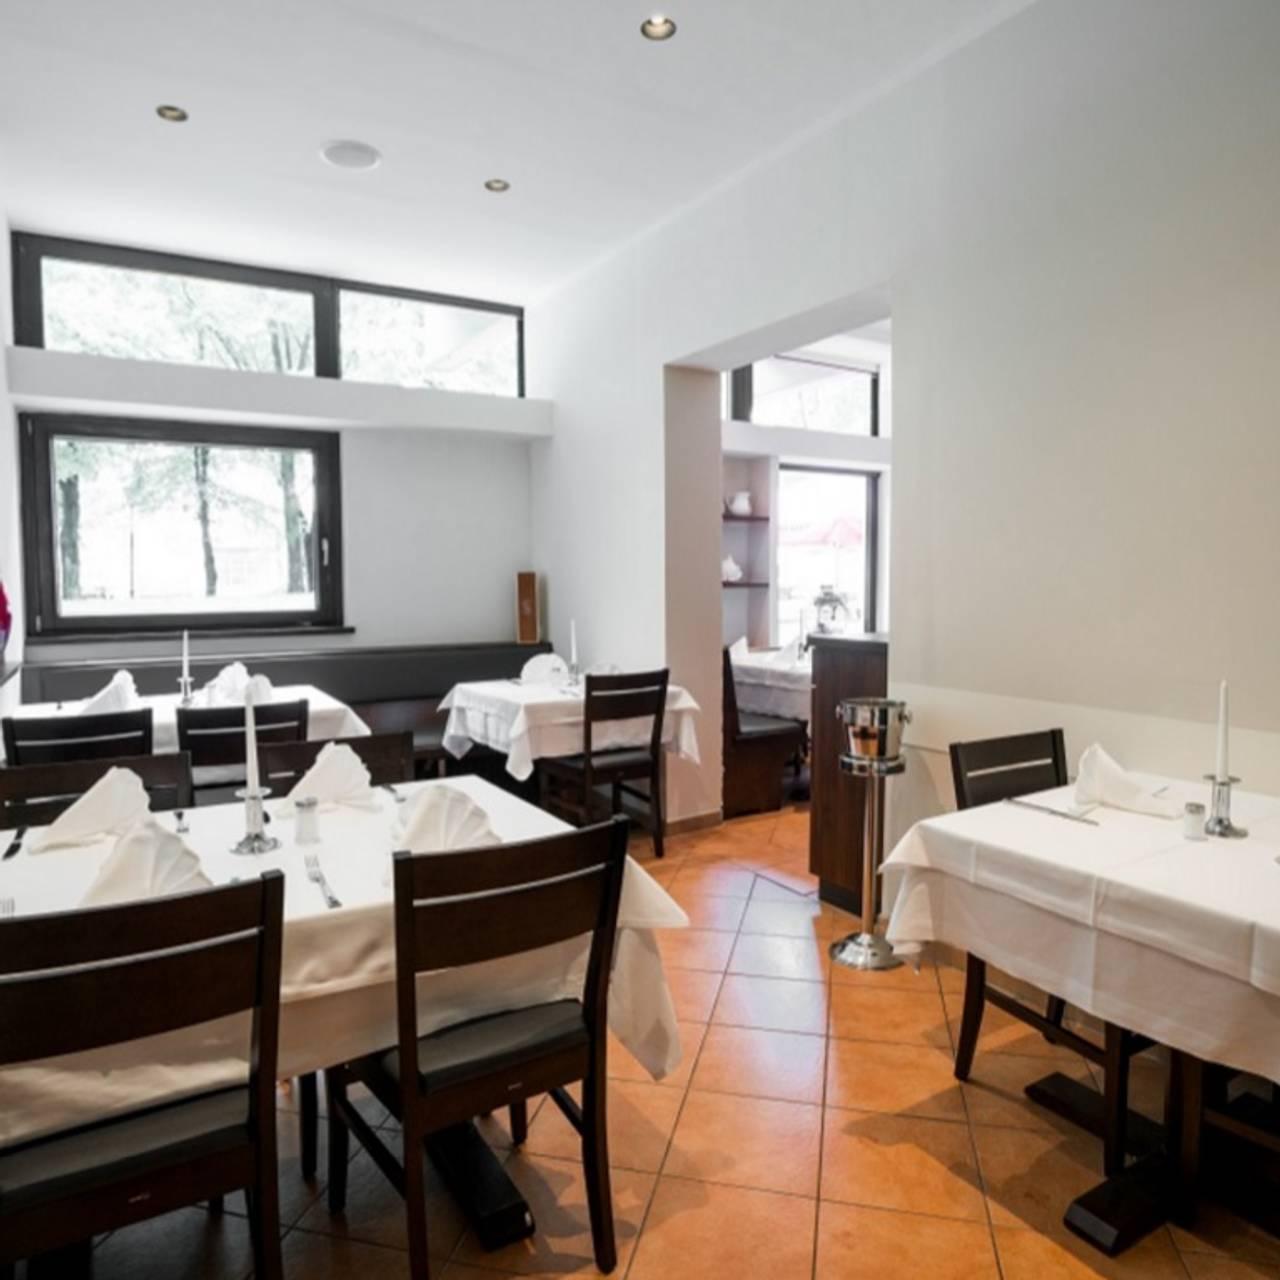 IL VELIERO Restaurant - Aschheim, BY | OpenTable